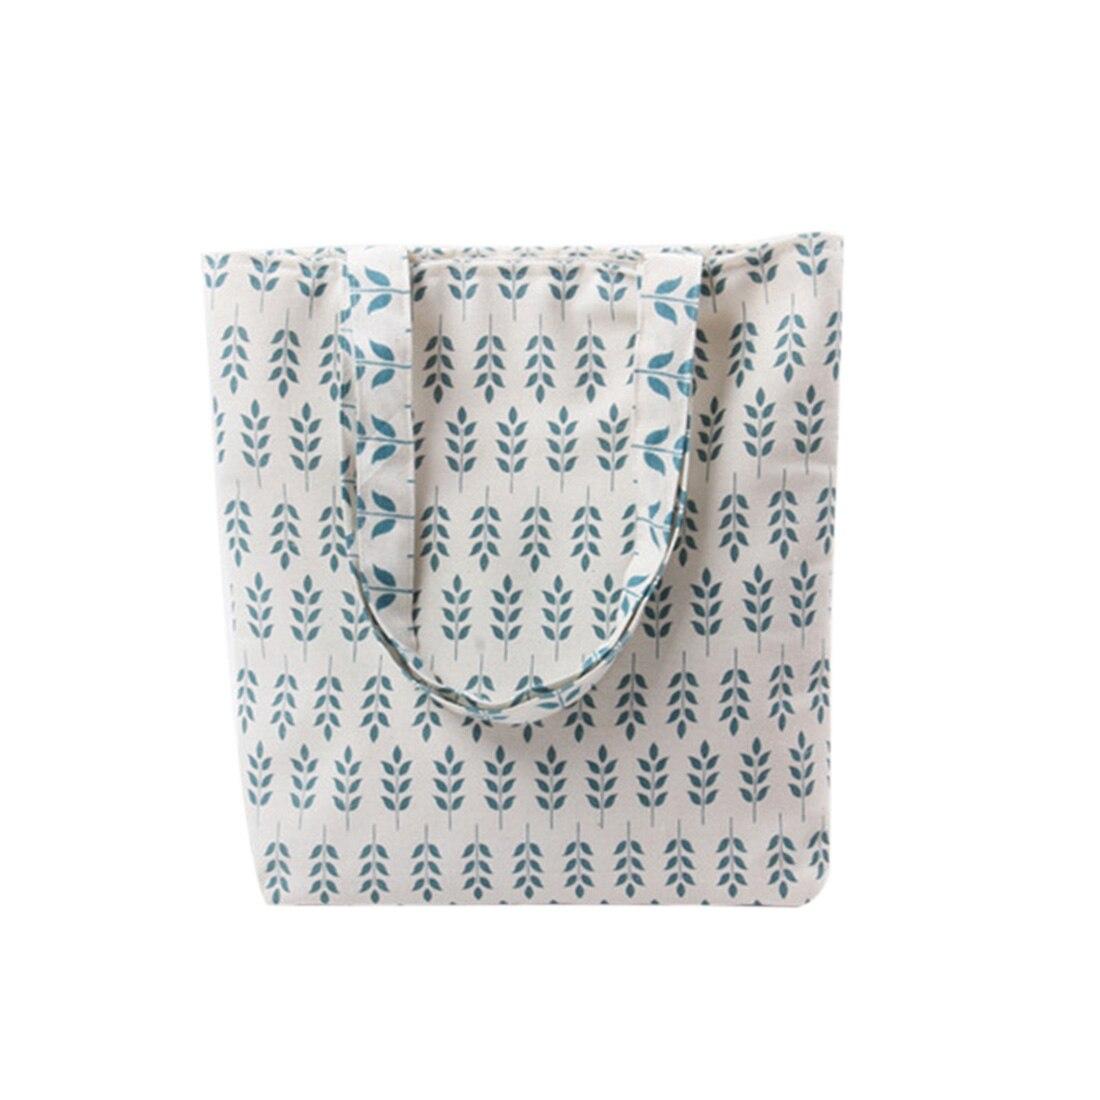 Women Handbags Cotton Linen Tote Bags Reusable Grocery Shopping Bag Eco Foldable Handbags for Shopping Cart Trolley стоимость